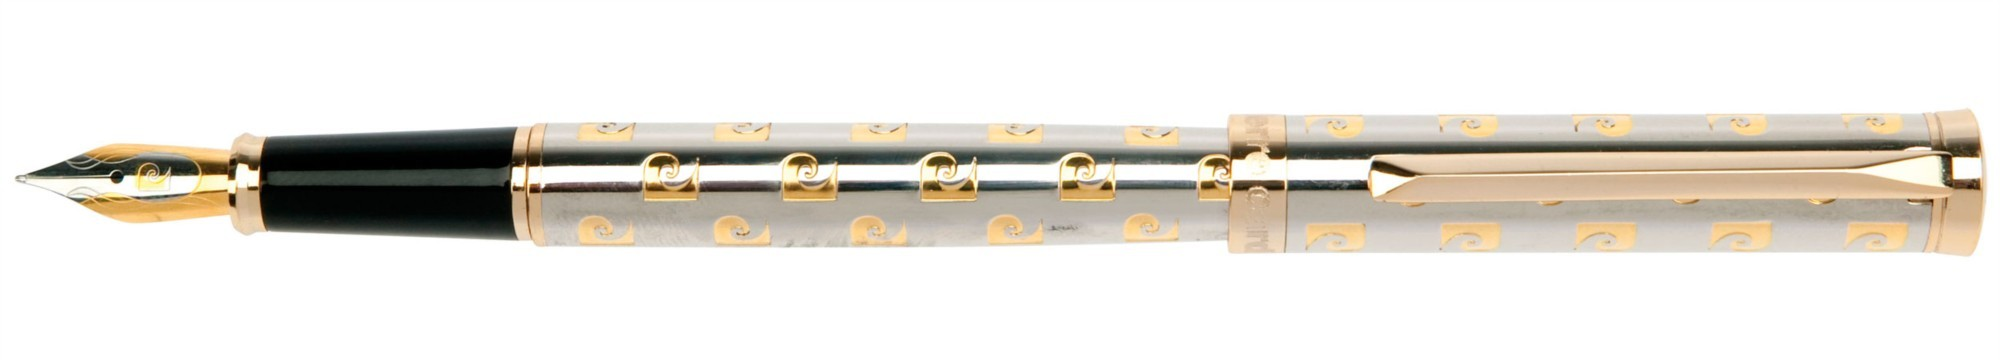 Перьевая ручка хром с гравировкой Pierre Cardin Evolution